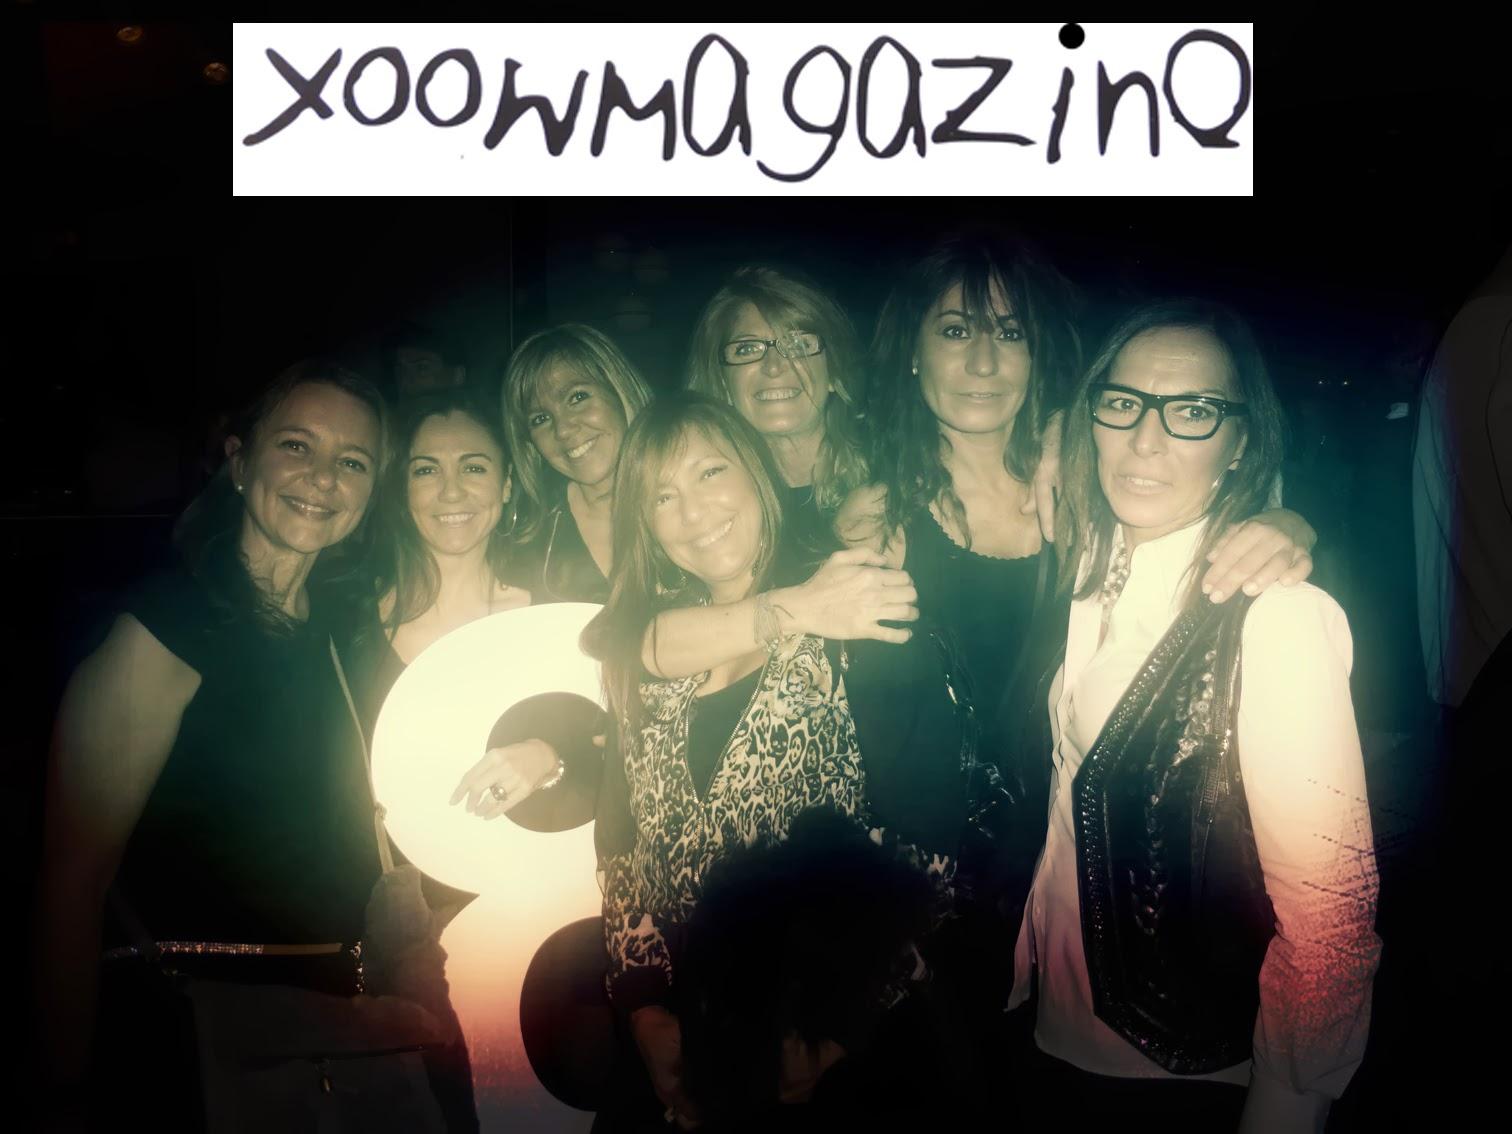 Besos Robados: XOOWMAGAZINE - 27 Fotografikas de unas BELLEZAS